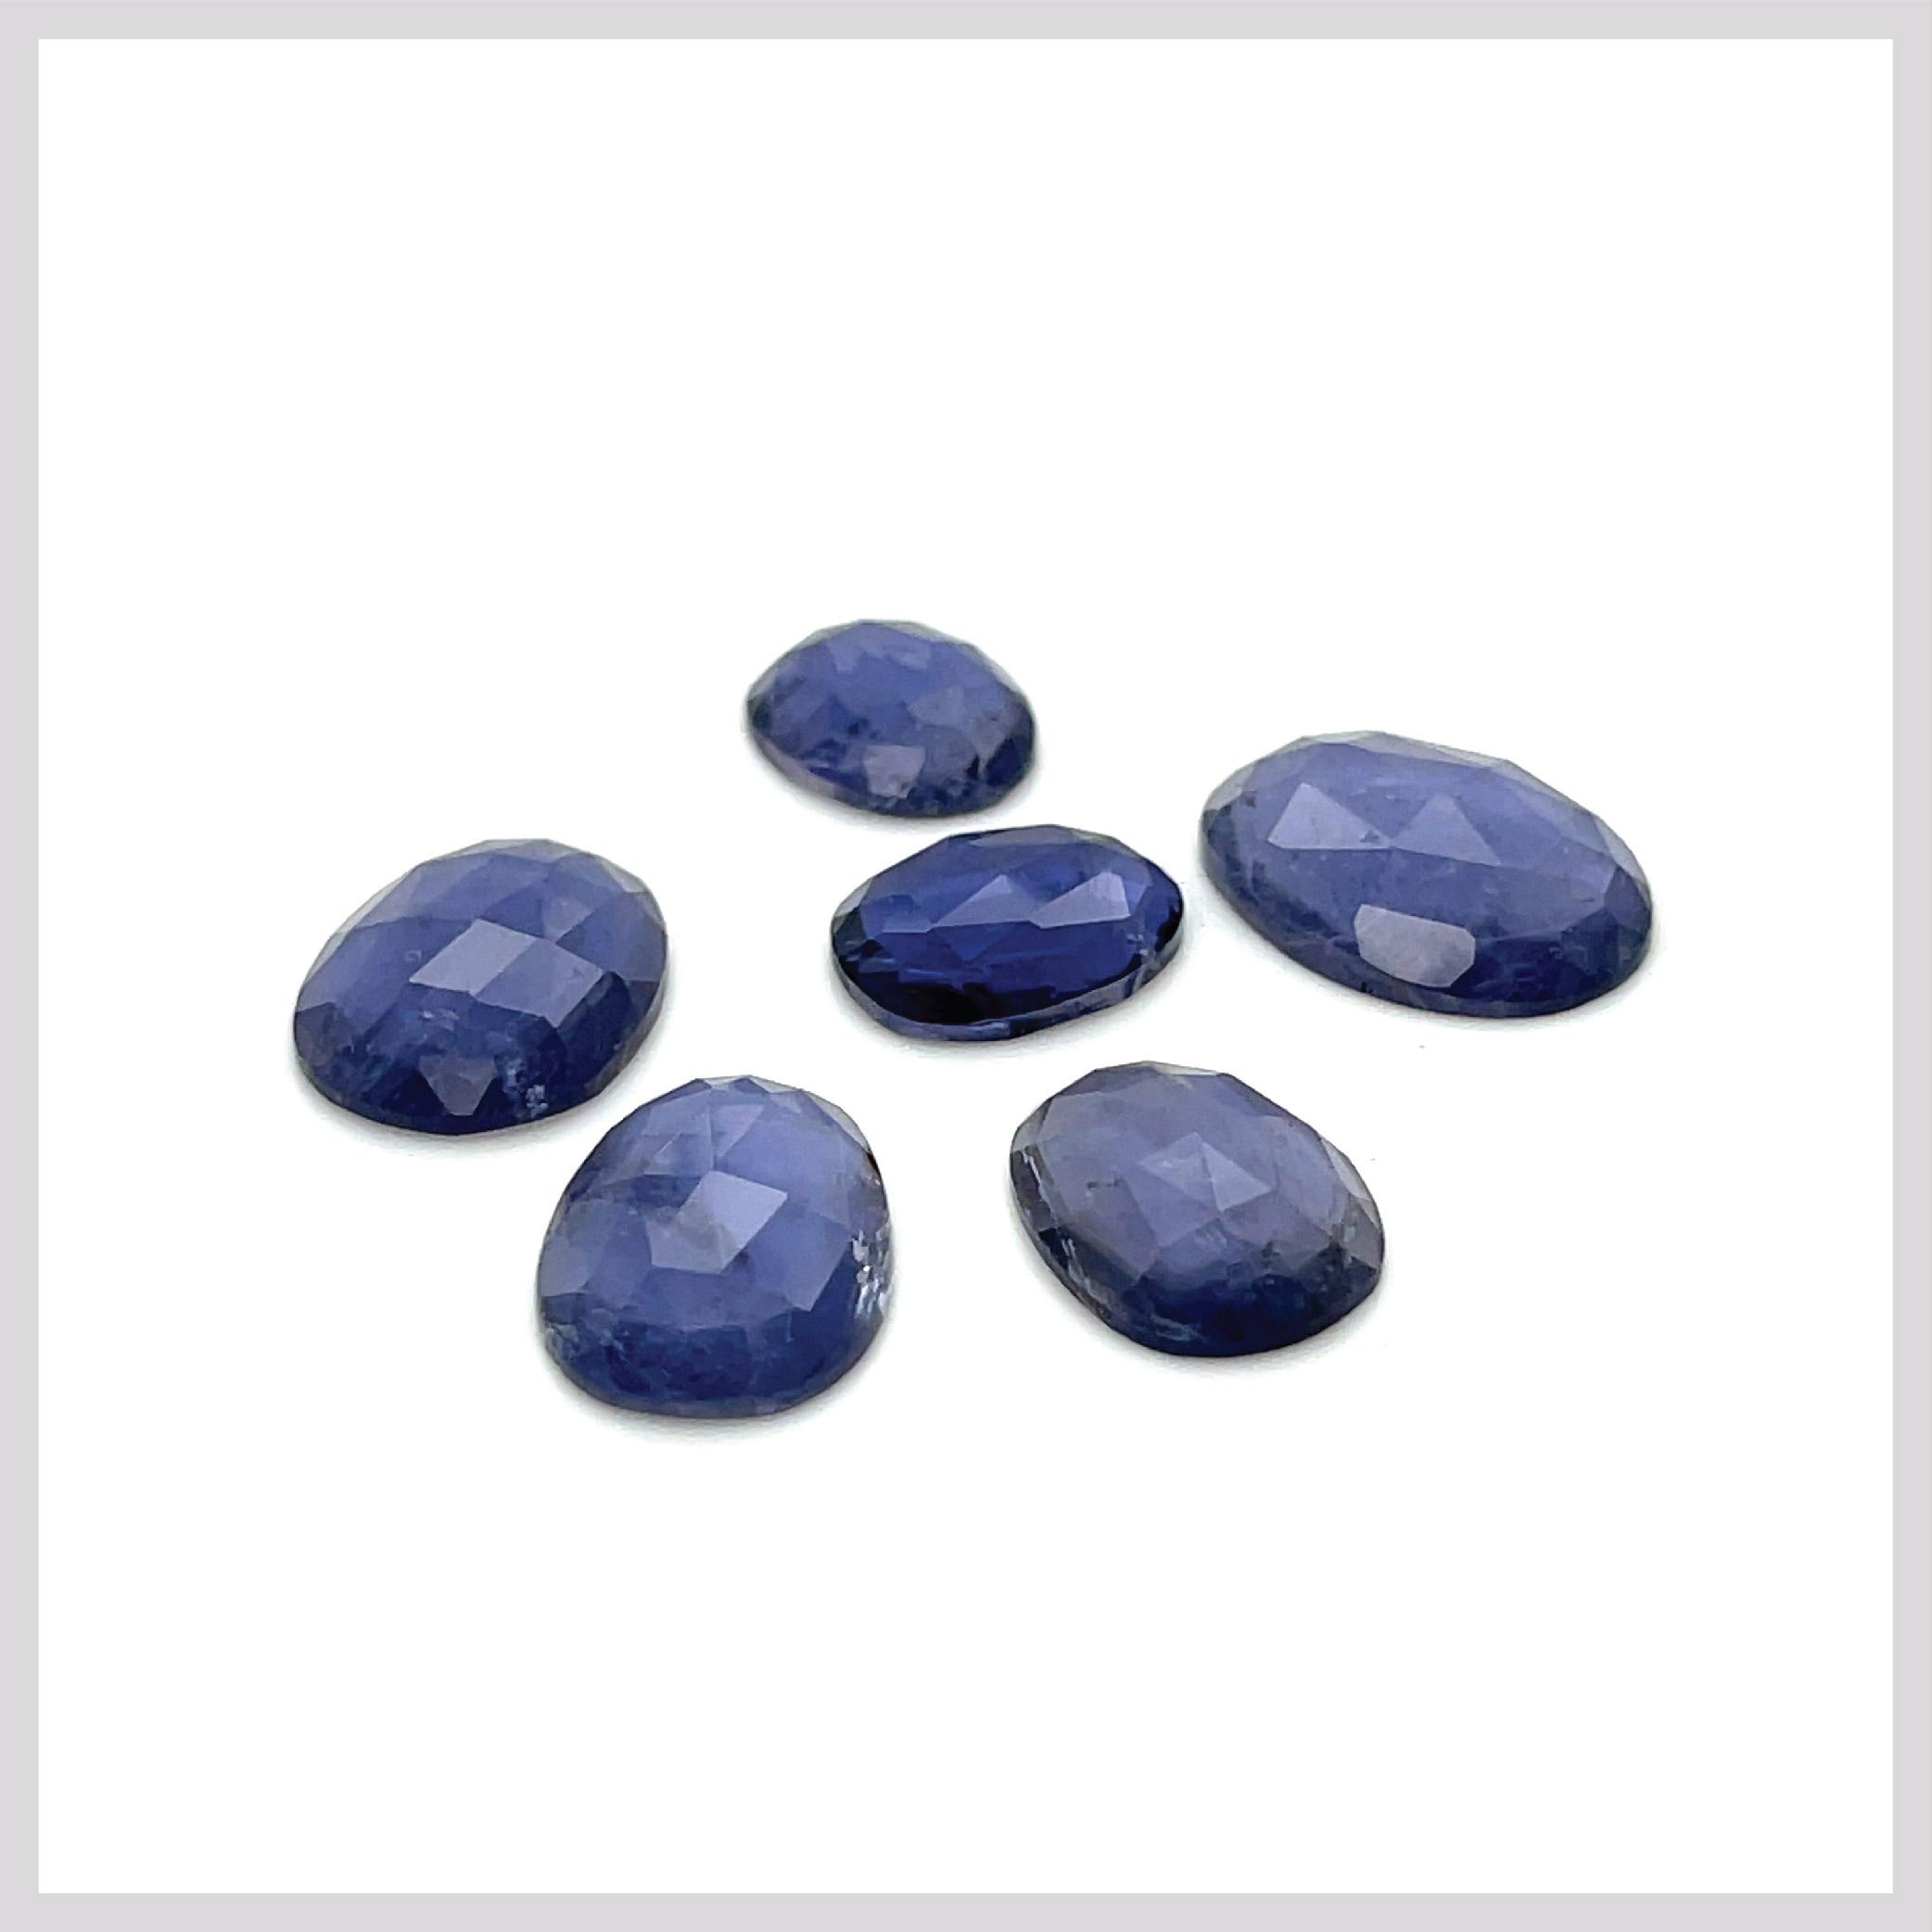 Iolite Rose Cut Gemstones (20ct Lot)